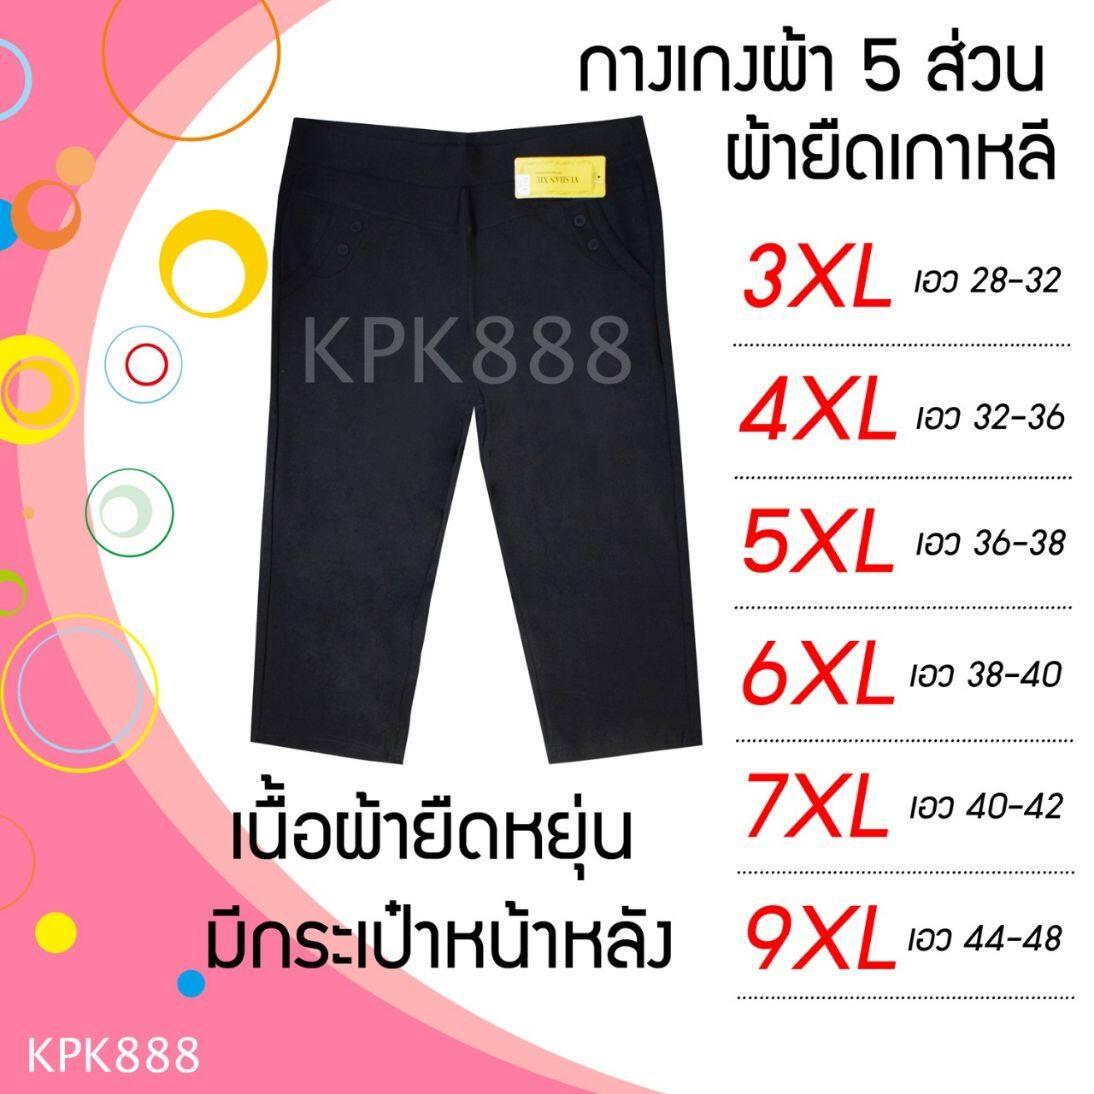 .กางเกงห้าส่วนผ้ายืดเกาหลี .เอวยืด 3xl.28.32 .4xl .32.36 .5xl.36.38.6xl.38.40.7xl.40.42.9xl.44.48.